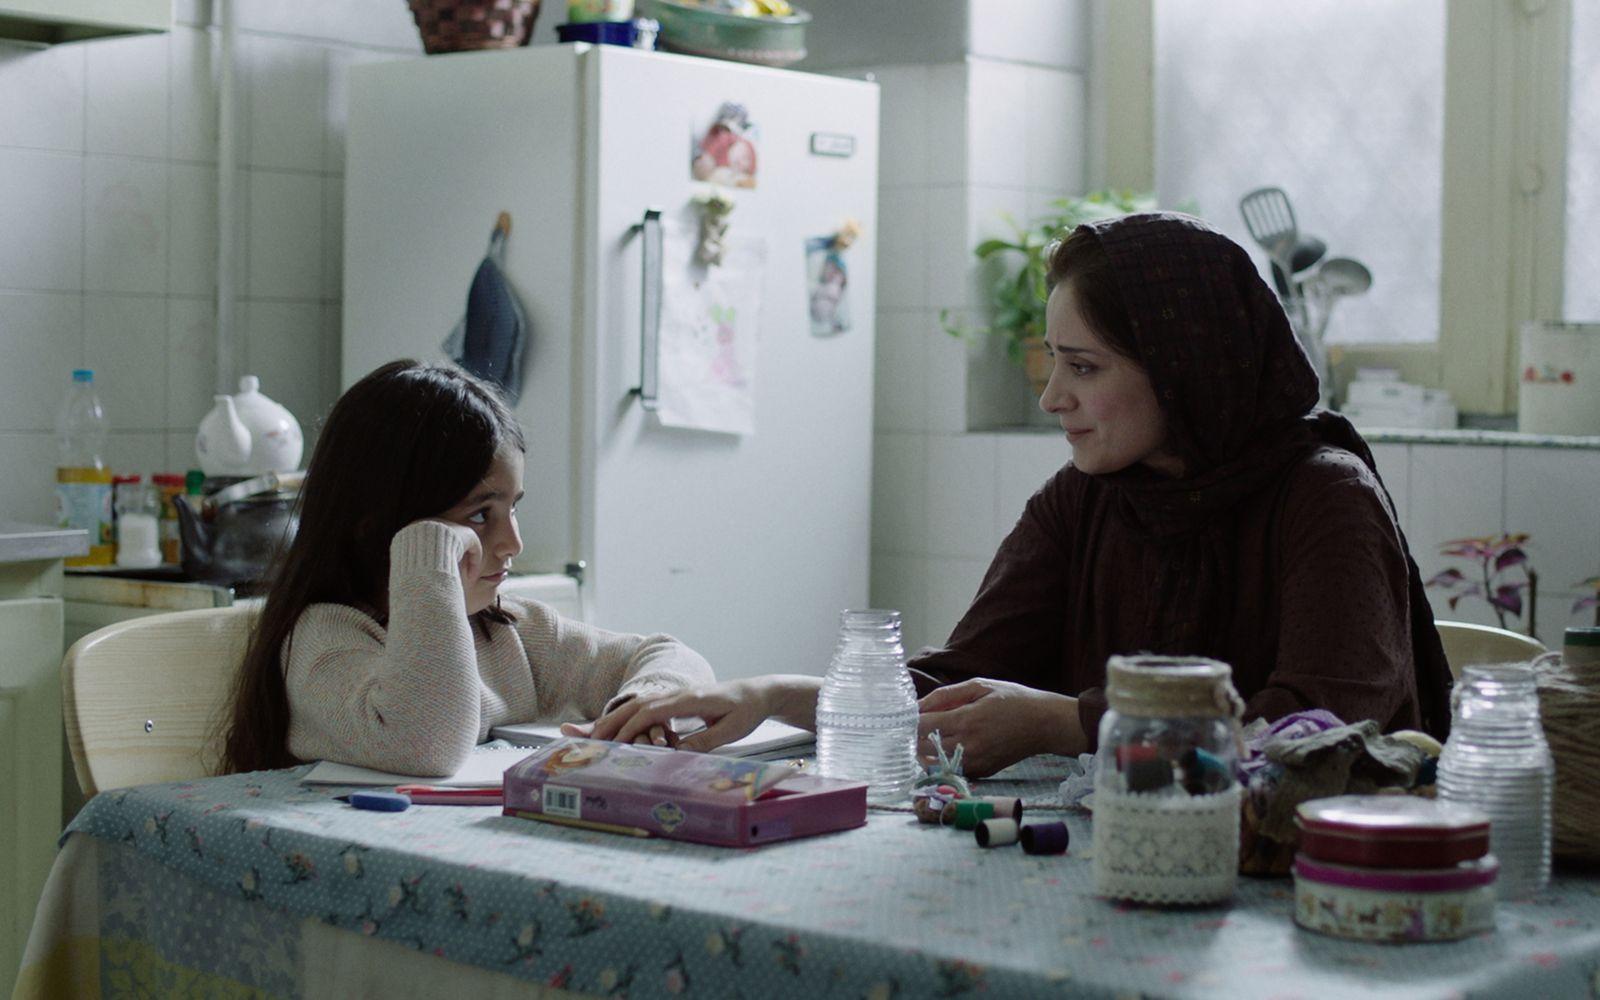 Berlinale/ Ghasideyeh gave sefid